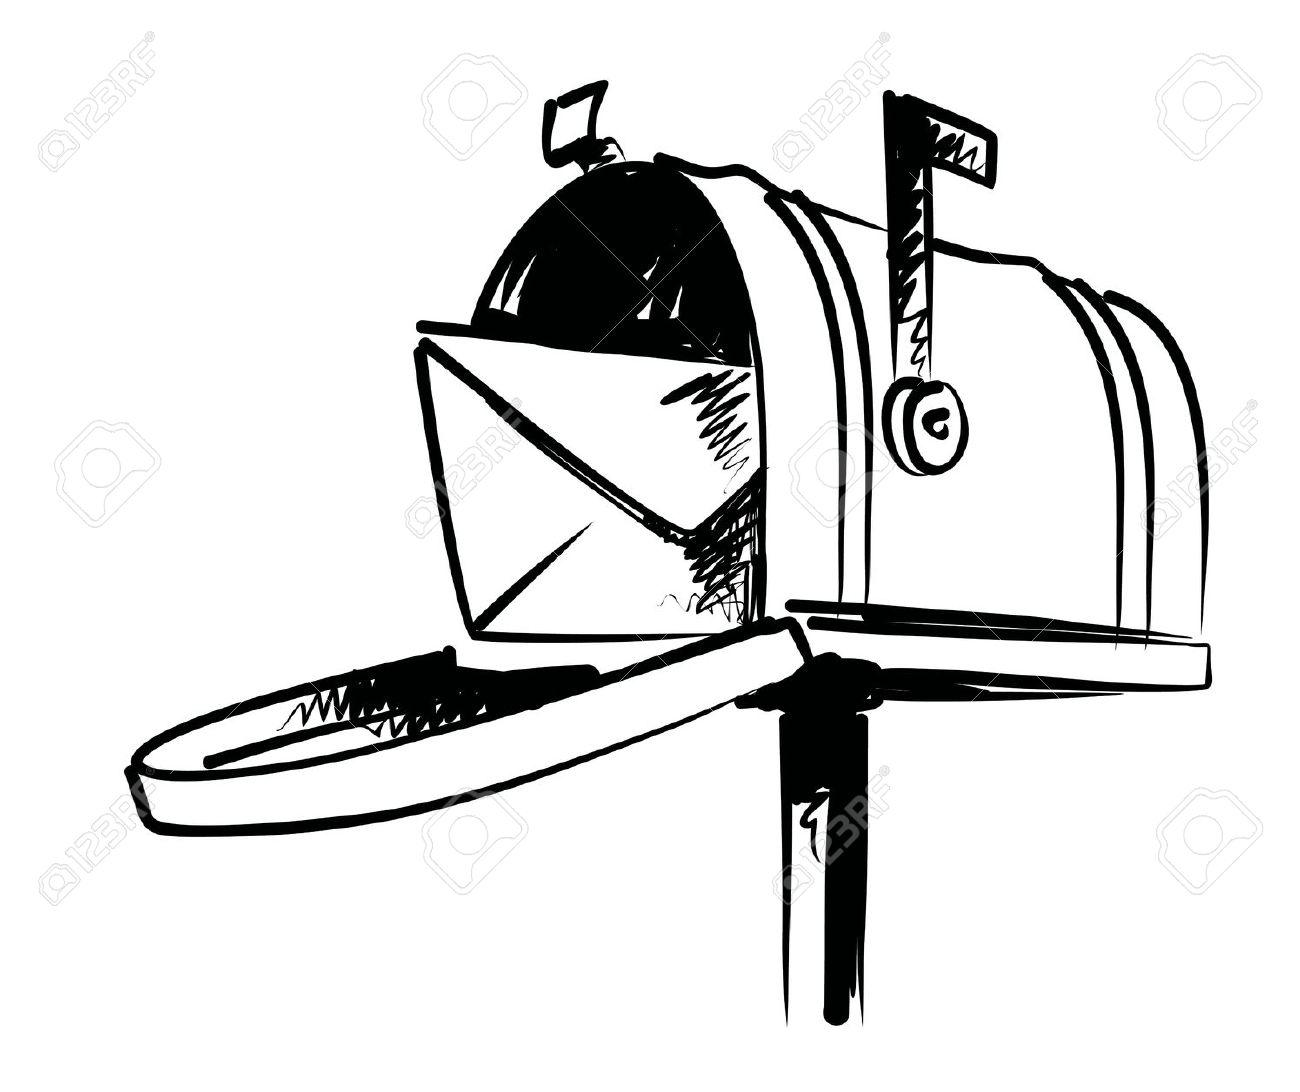 clipart gratuit boite aux lettres - photo #40